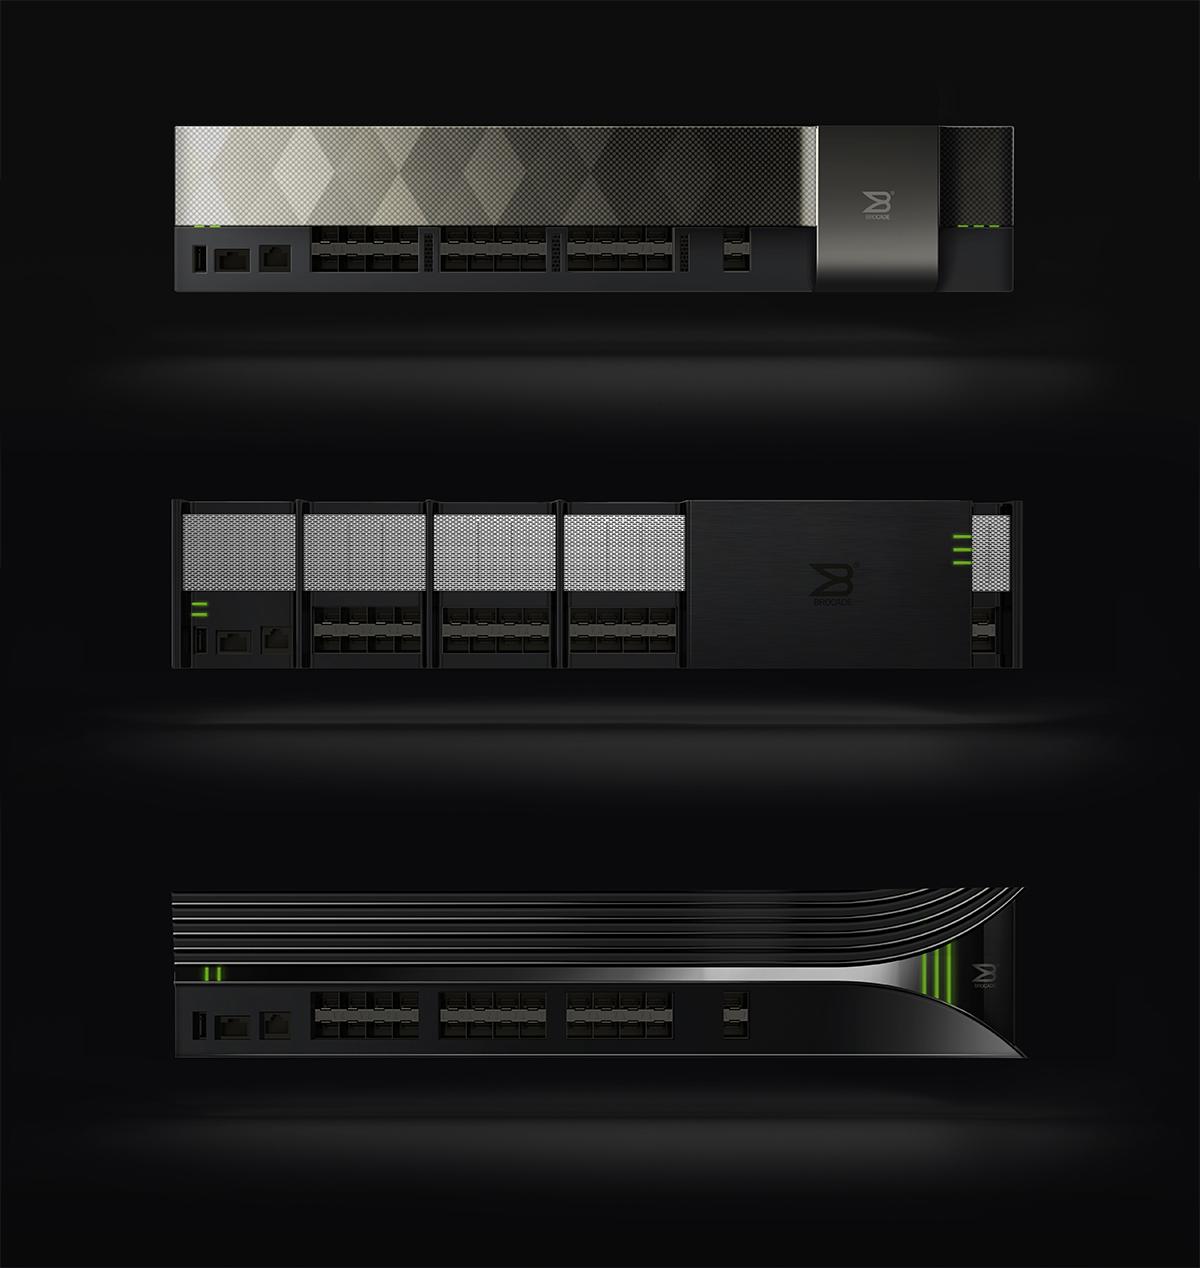 brocade broadcom server bezel design concepts